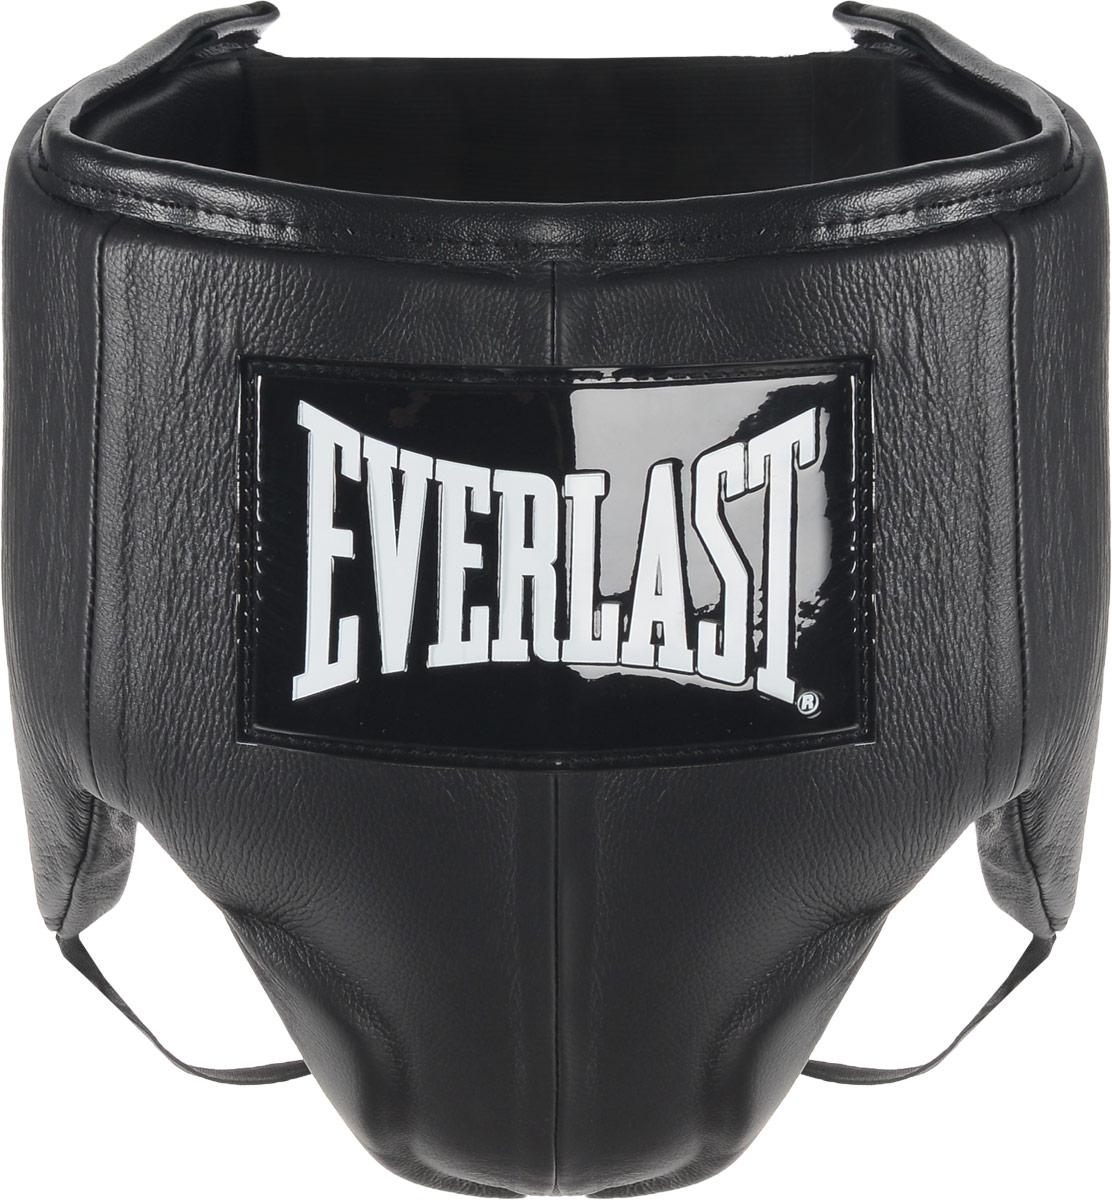 Защита паха мужская Everlast Velcro Top Pro, цвет: черный, белый. Размер MQNT1133Everlast Velcro Top Pro это удобный обтягивающий бандаж, идеально подходящий как для тренировочных спаррингов, так и для боя на ринге. Бандаж изготовлен из высококачественной натуральной кожи, а подкладка набита пенным наполнителем высокой плотности, благодаря чему достигается превосходная амортизация ударов. Усовершенствованный облегченный дизайн обеспечивает максимальную подвижность и комфорт, в то же время гарантируя безопасность и полную защиту паха и тазовой области. Удобные застежки на липучке позволят подогнать защиту под ваш размер и плотно зафиксировать ее на теле. Максимальный обхват: 103 см.Минимальный обхват: 93 см.